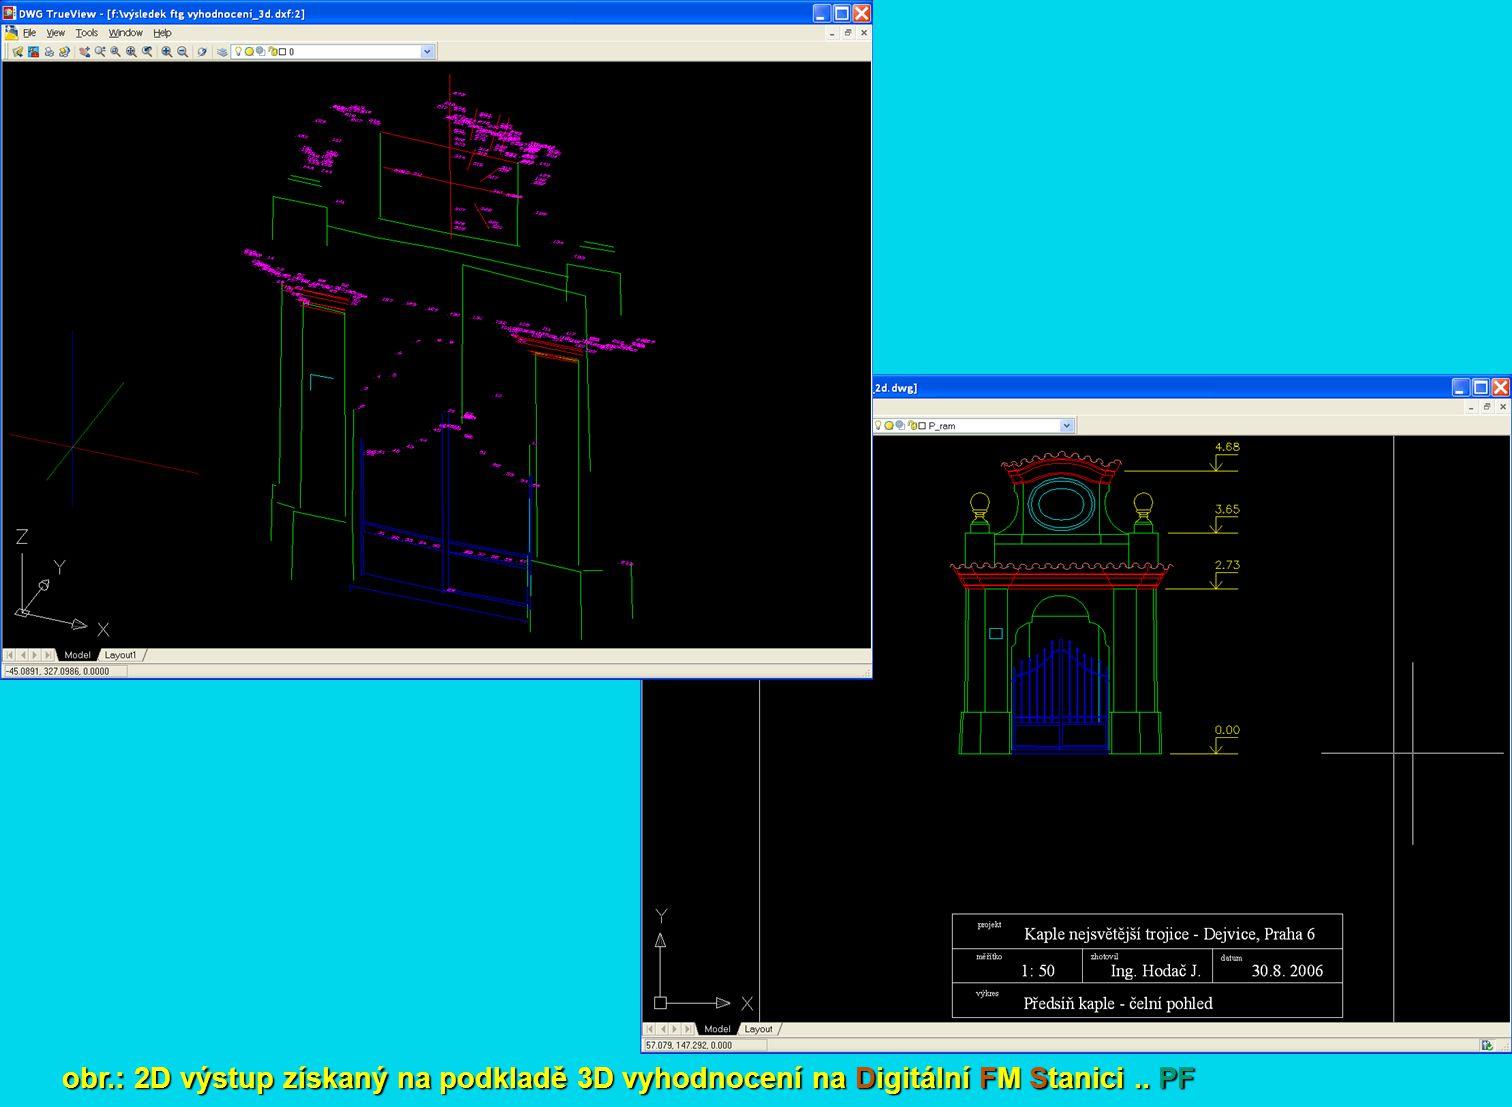 obr.: 2D výstup získaný na podkladě 3D vyhodnocení na Digitální FM Stanici .. PF